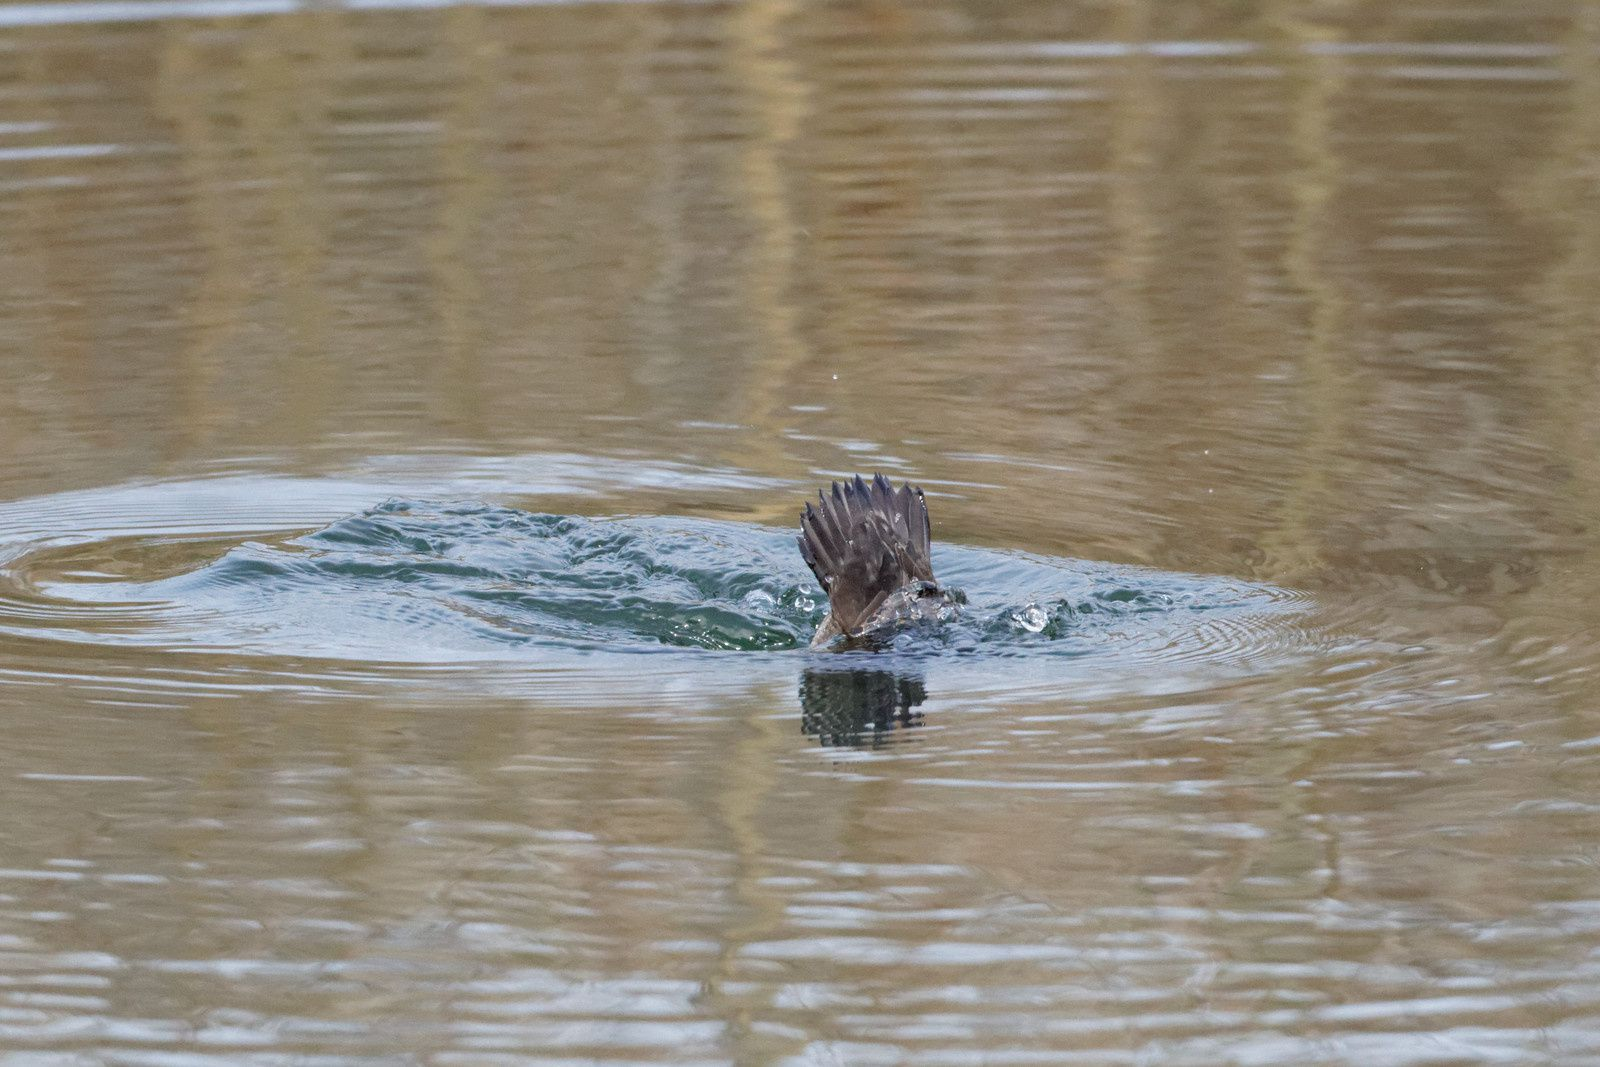 un oiseau à découvrir -ajonc- 5 août trouvé par Martin et Martine  Ob_69ca20_ima7ge-6335-dxo